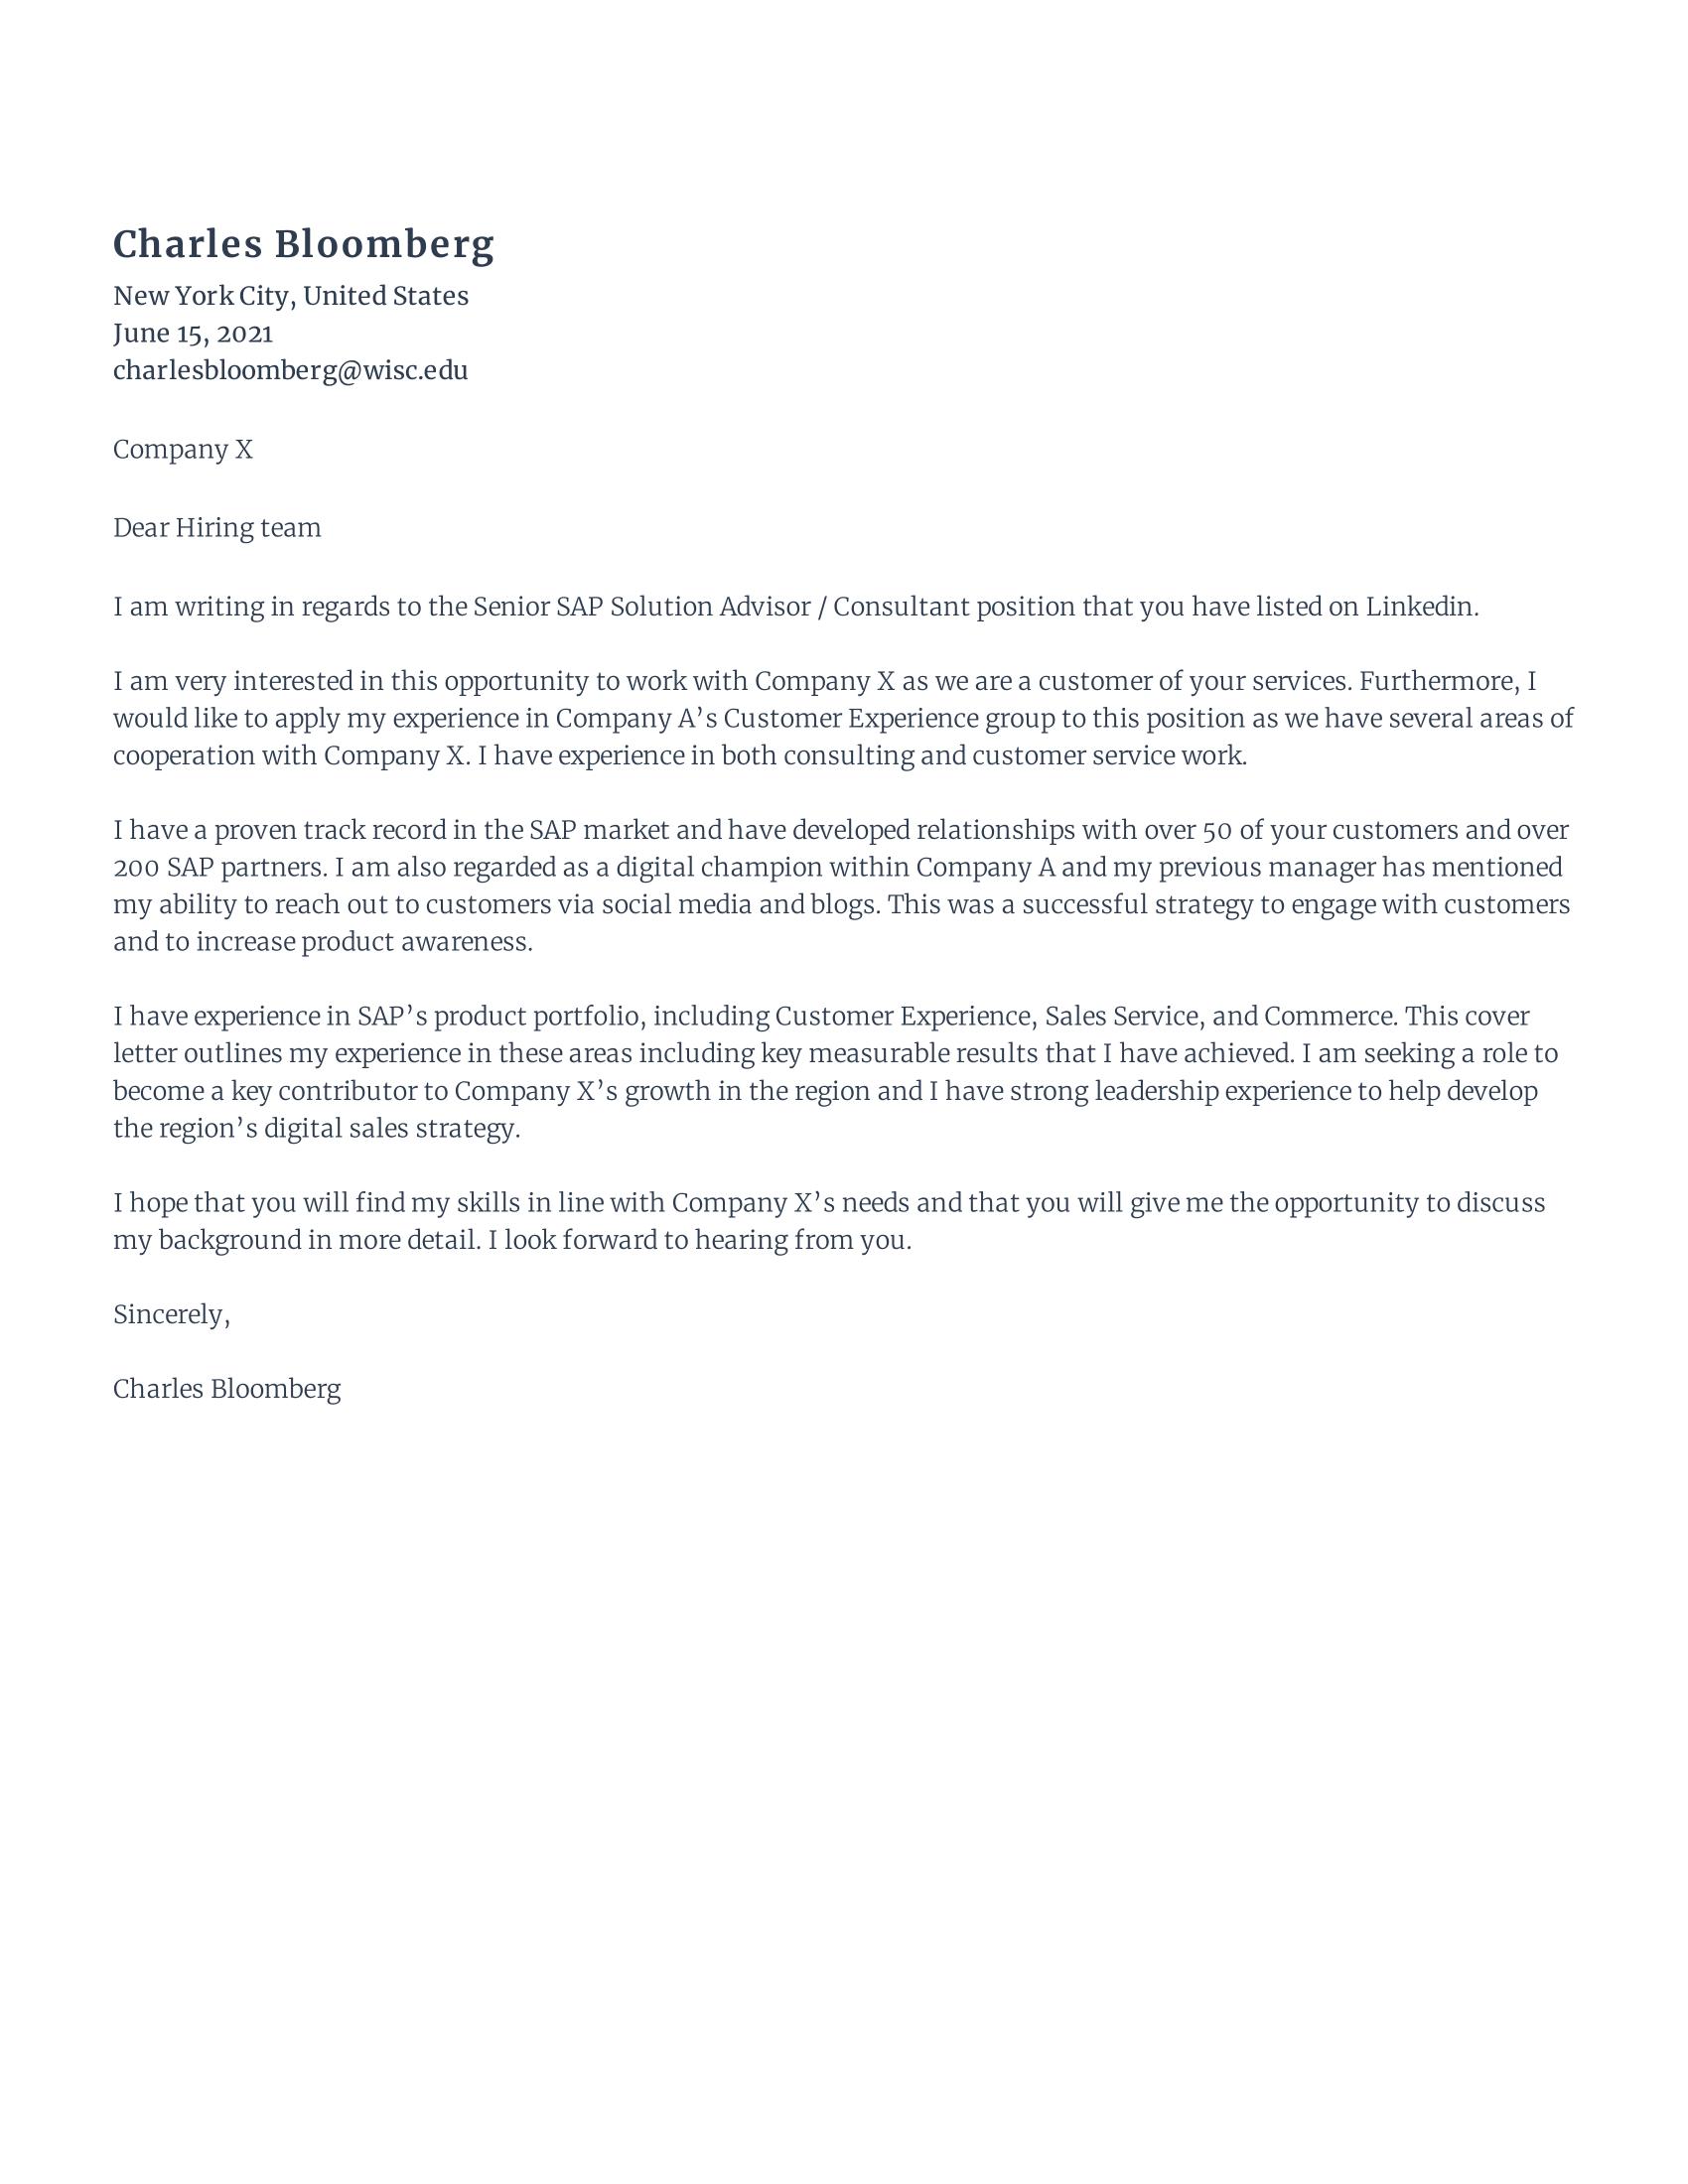 SAP Developer Cover Letter